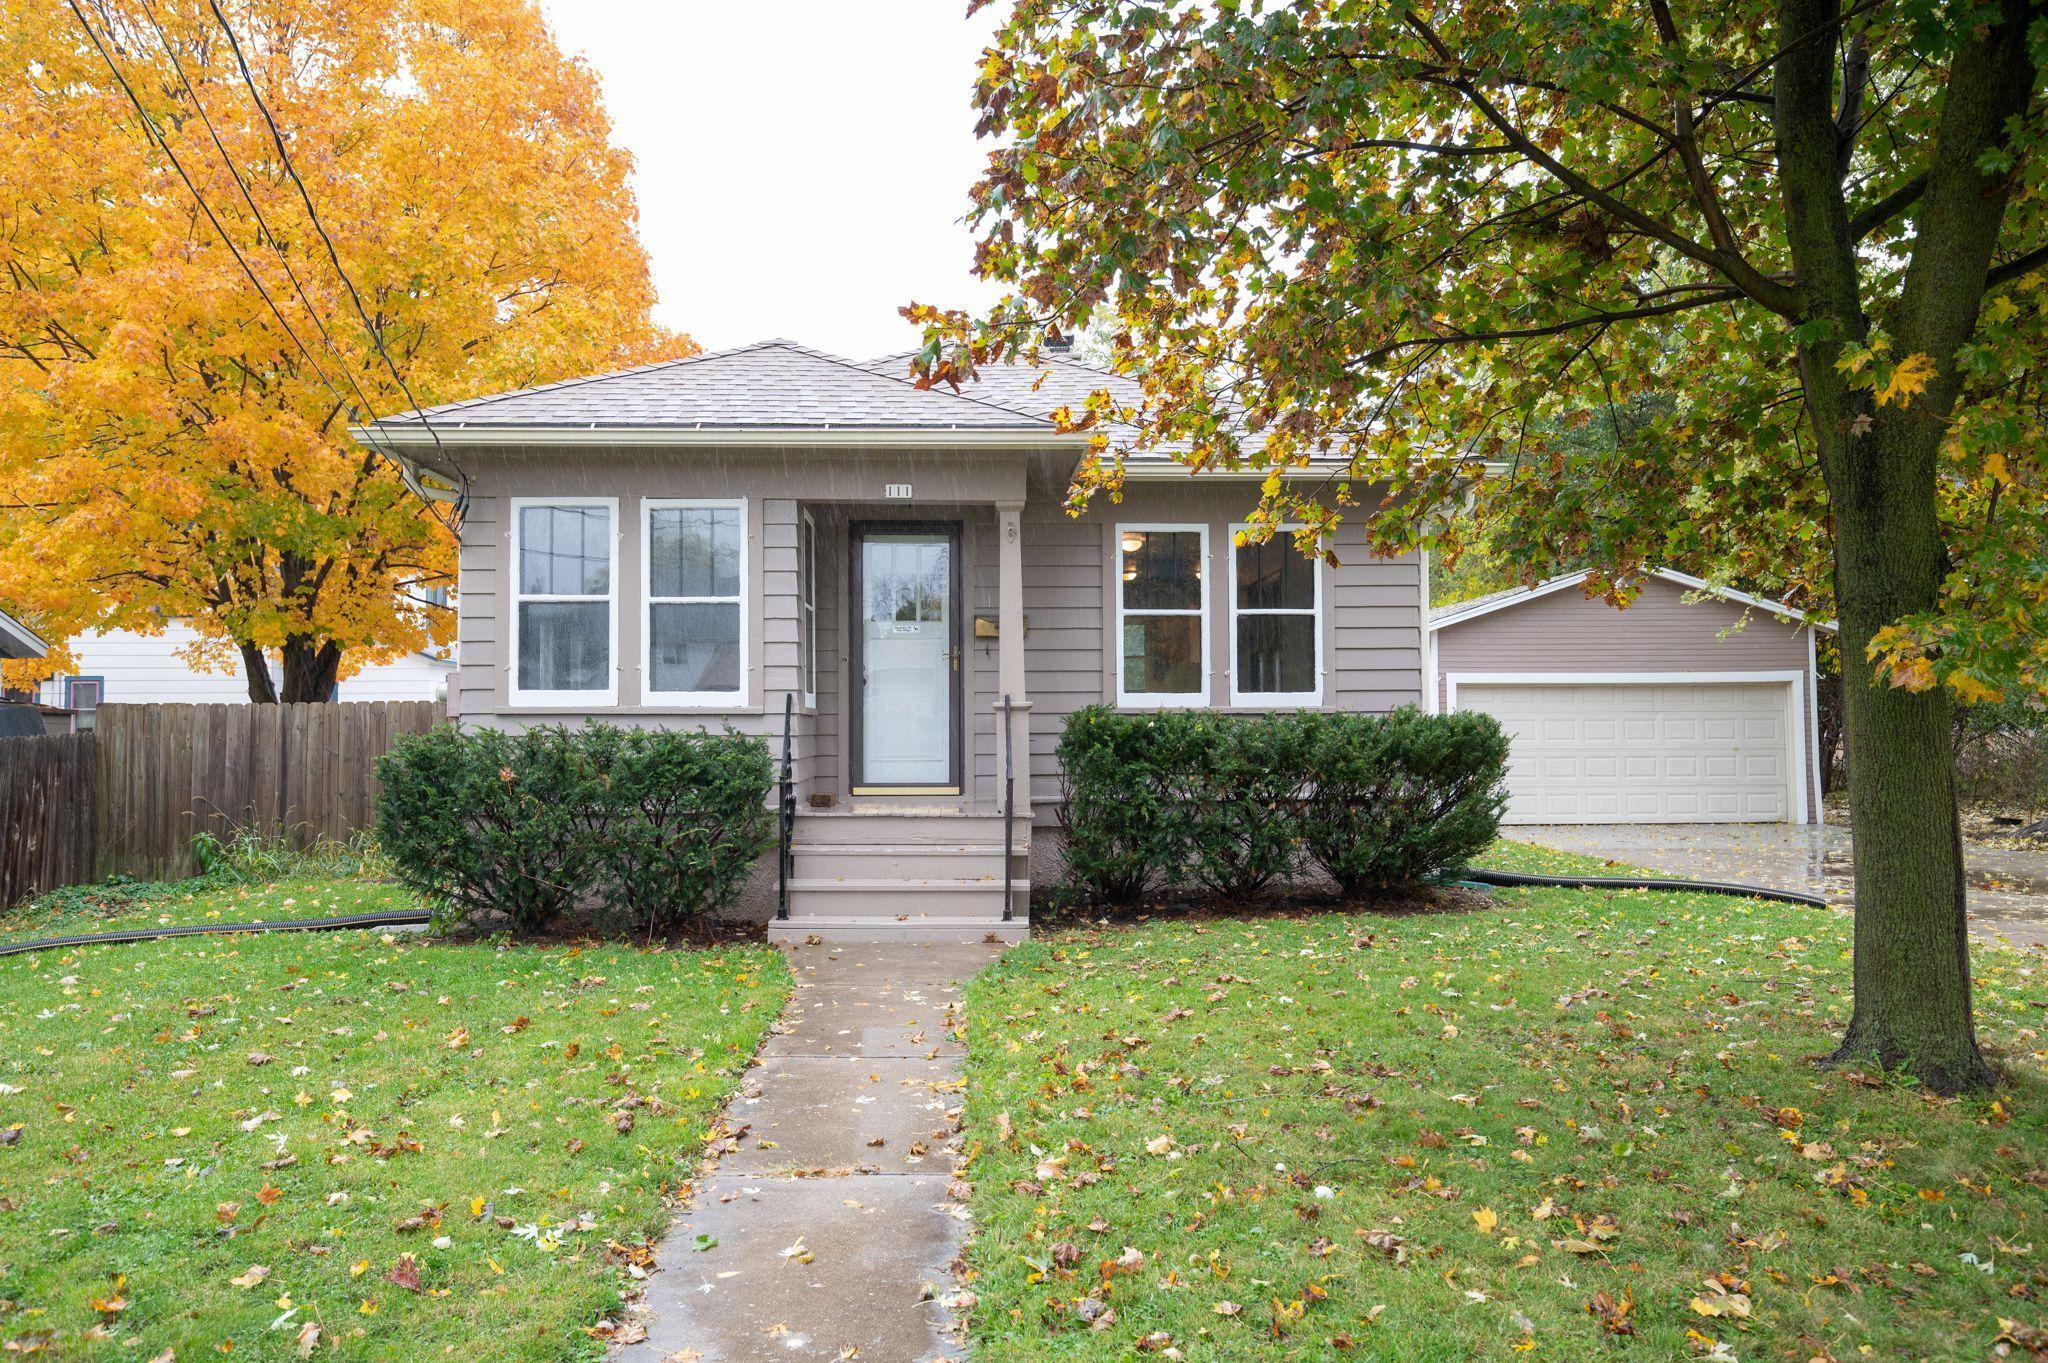 111 Elm St, Oconomowoc, Wisconsin 53066, 1 Bedroom Bedrooms, 6 Rooms Rooms,1 BathroomBathrooms,Single-Family,For Sale,Elm St,1714452